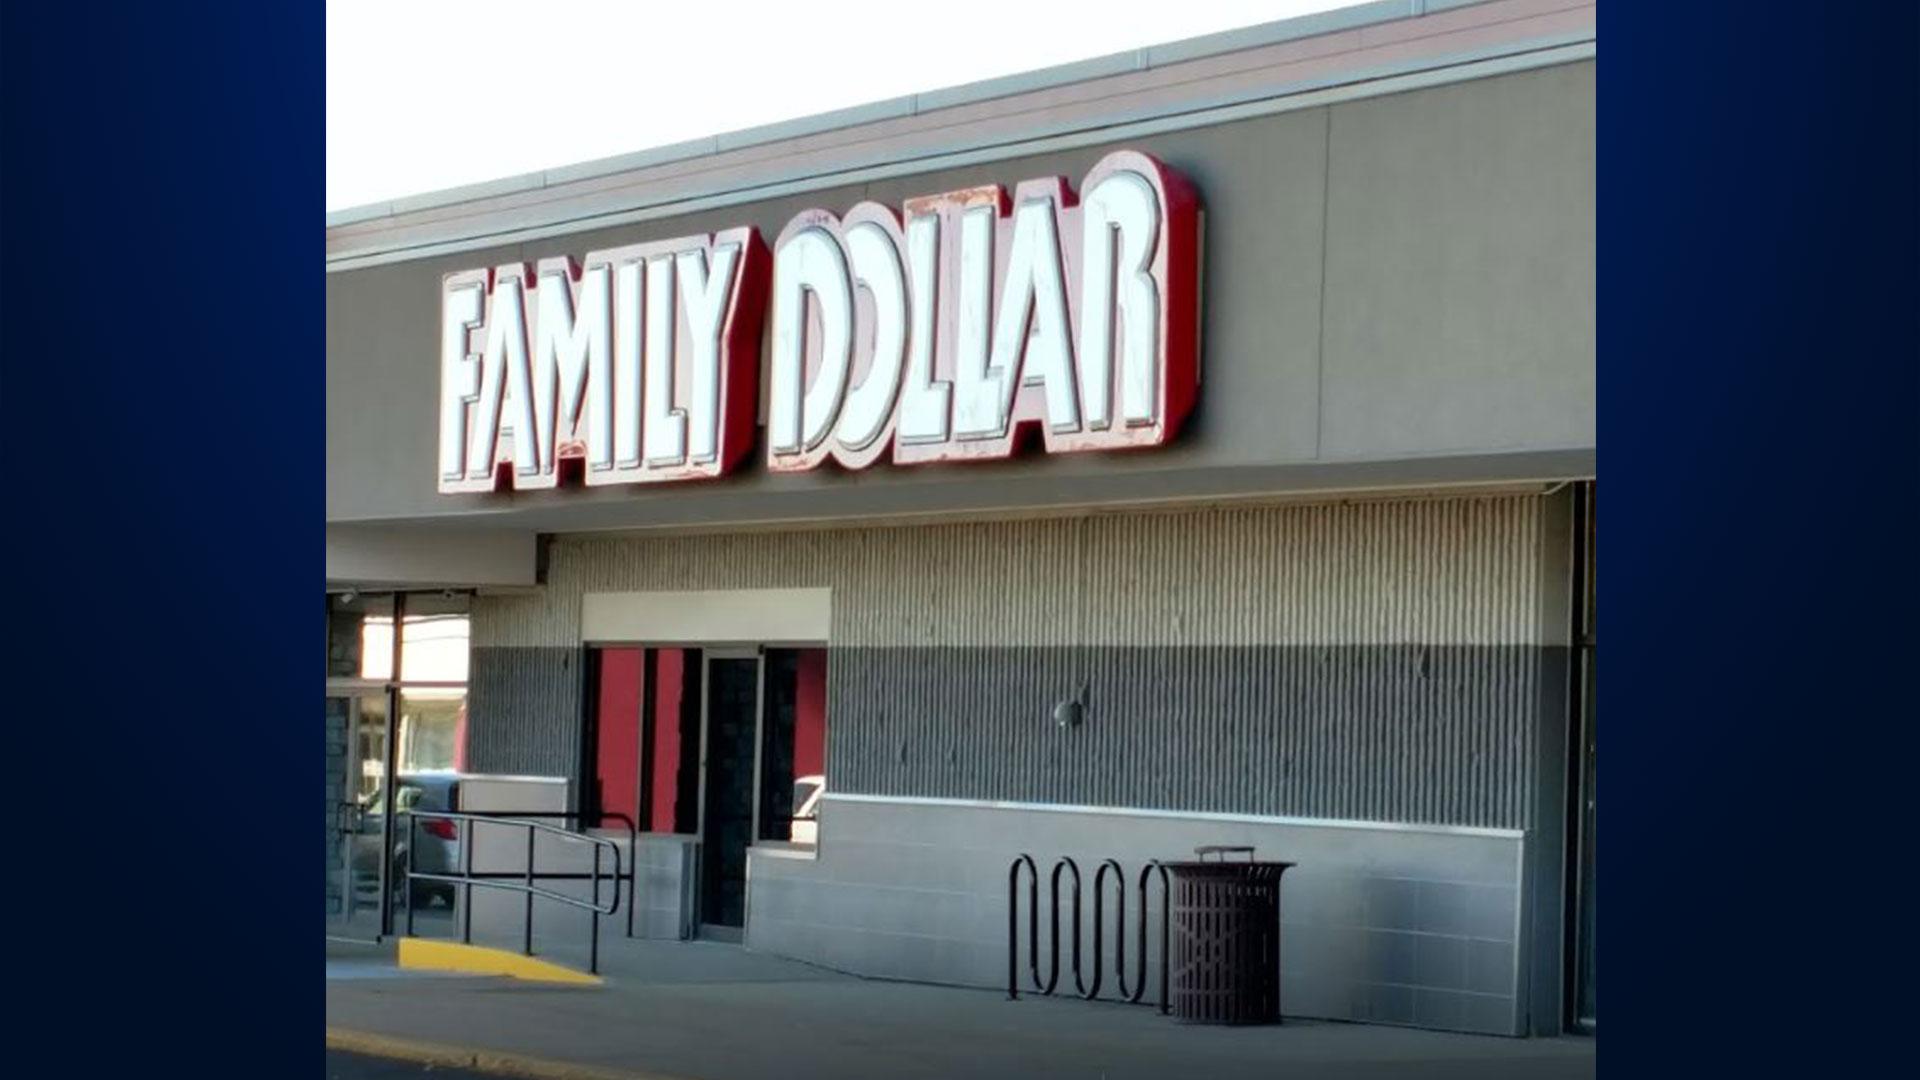 KELO Family Dollar